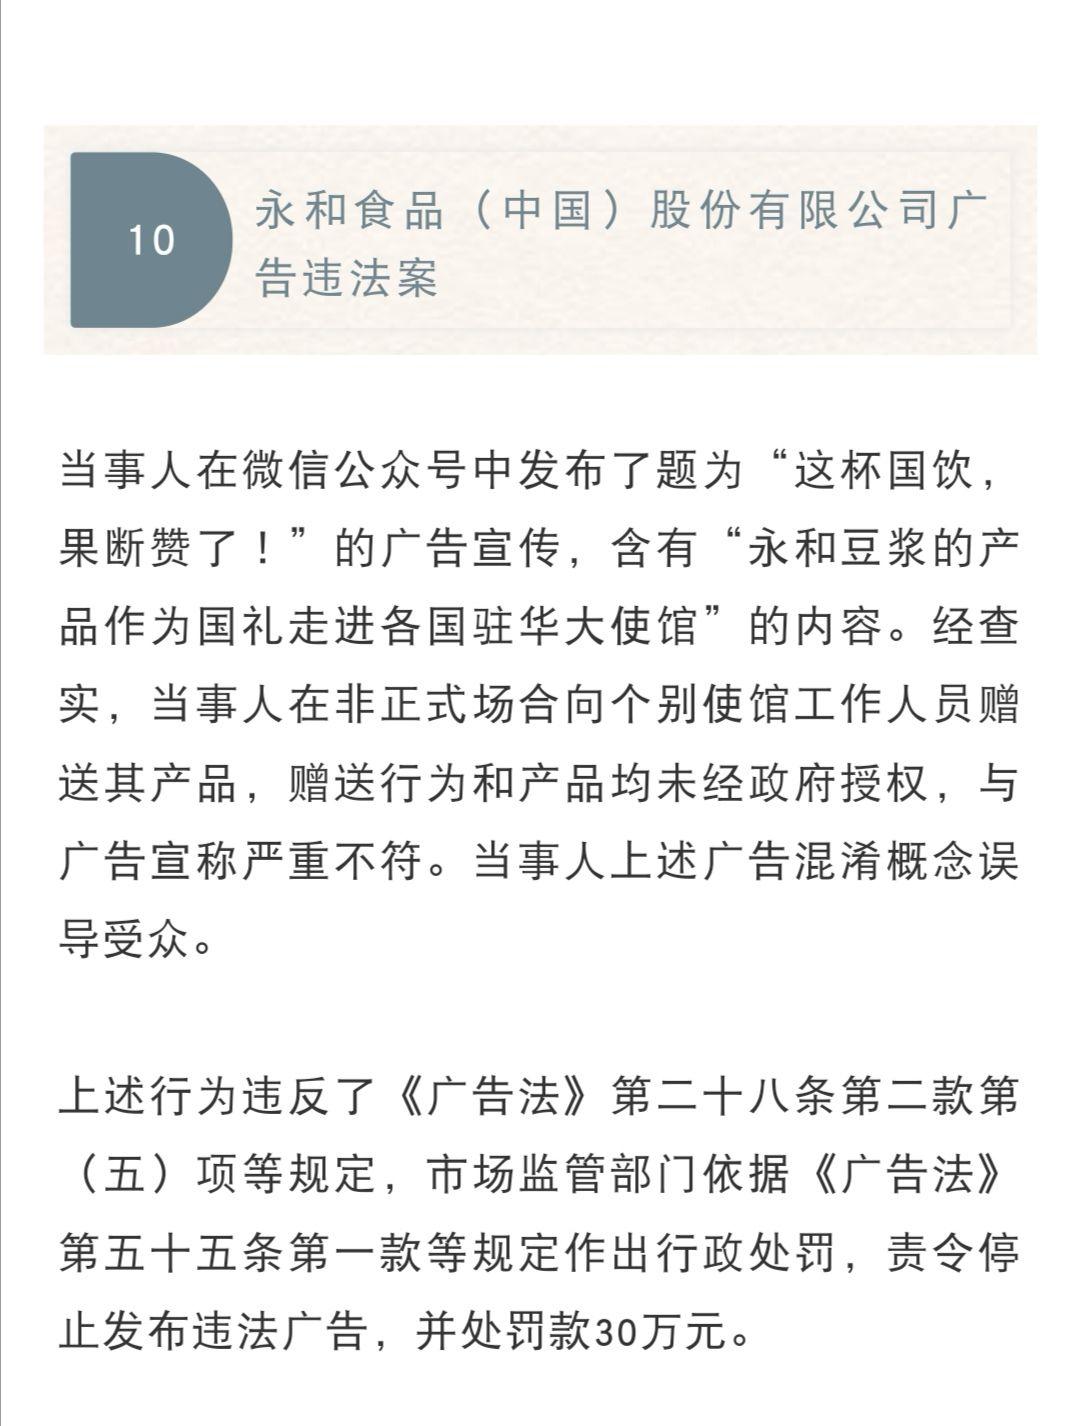 """广告宣称""""国礼""""被罚,永和豆浆回应称去年已处理并自查图片"""